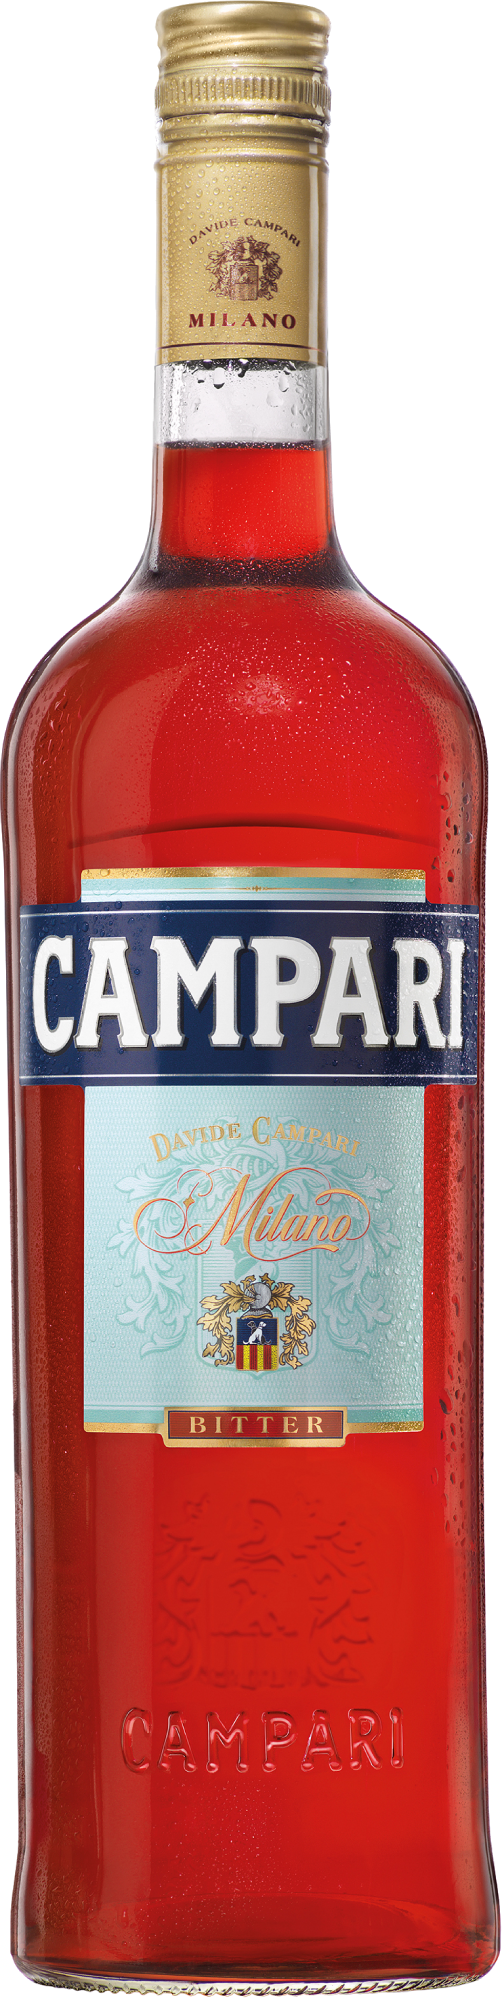 Campari Bitter 0.5л